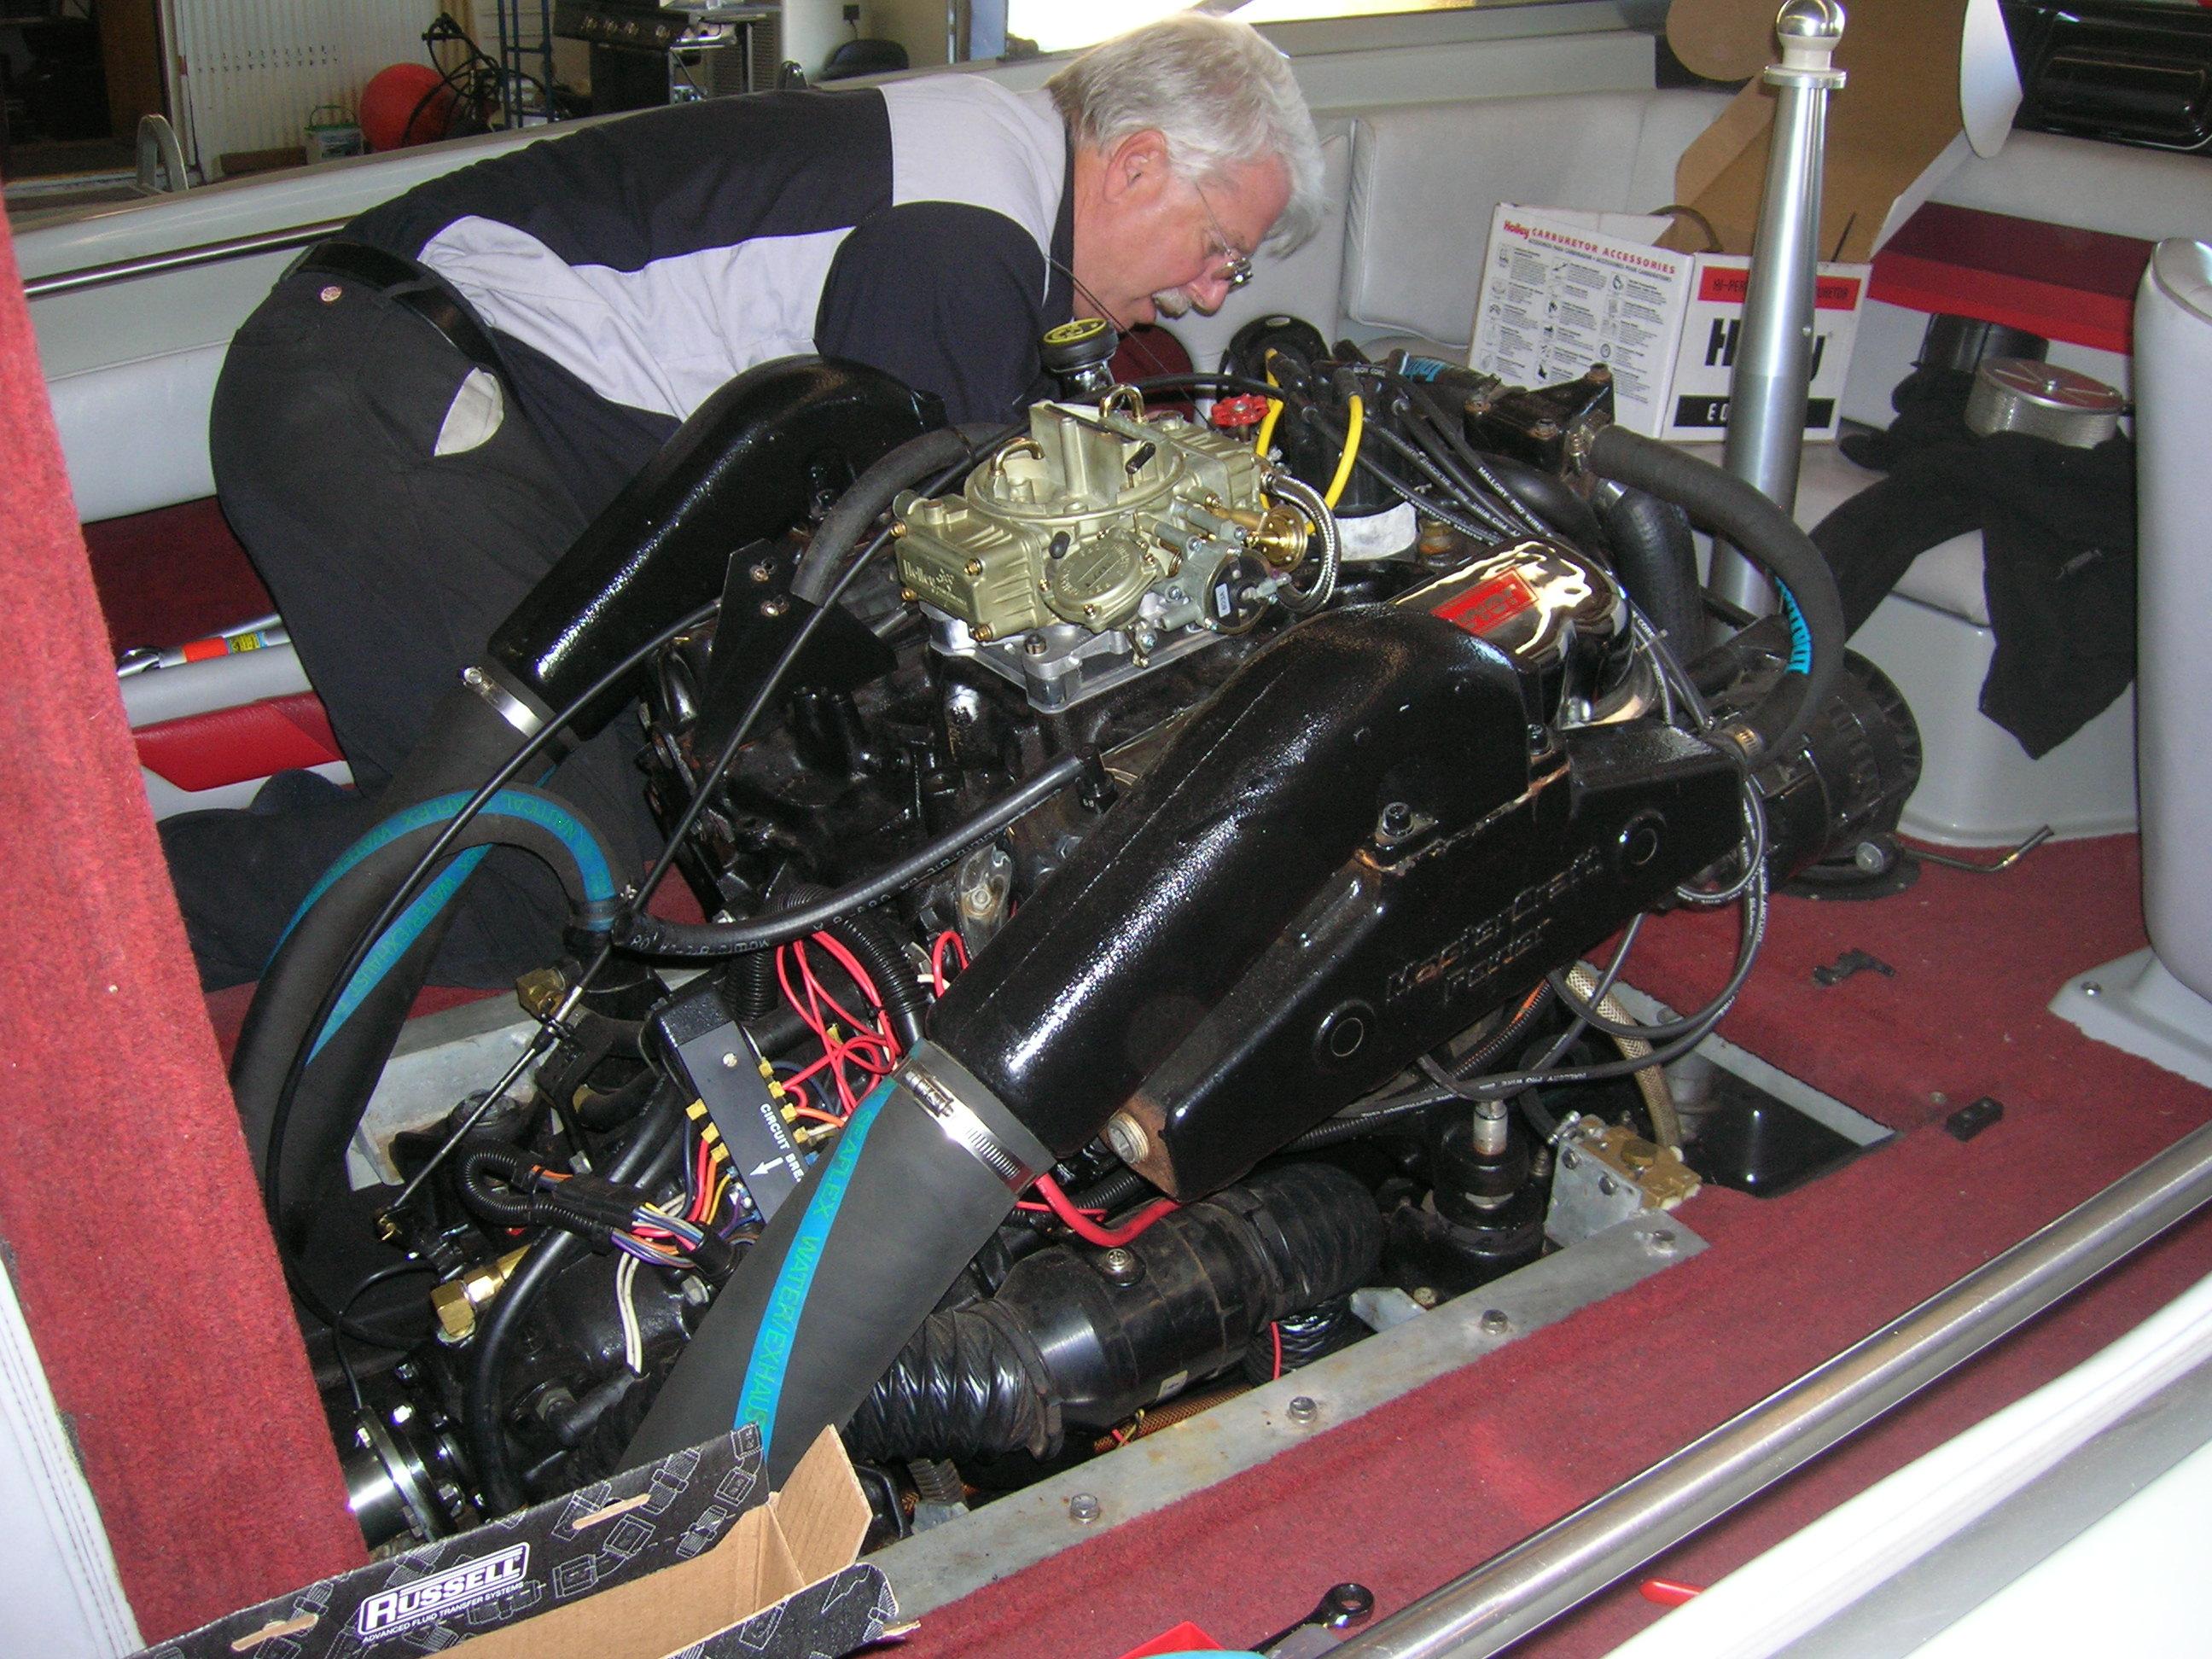 Boat Marina Repairs Pasco Wa Hermiston Or Columbia Jet Engine Wiring Marine Center